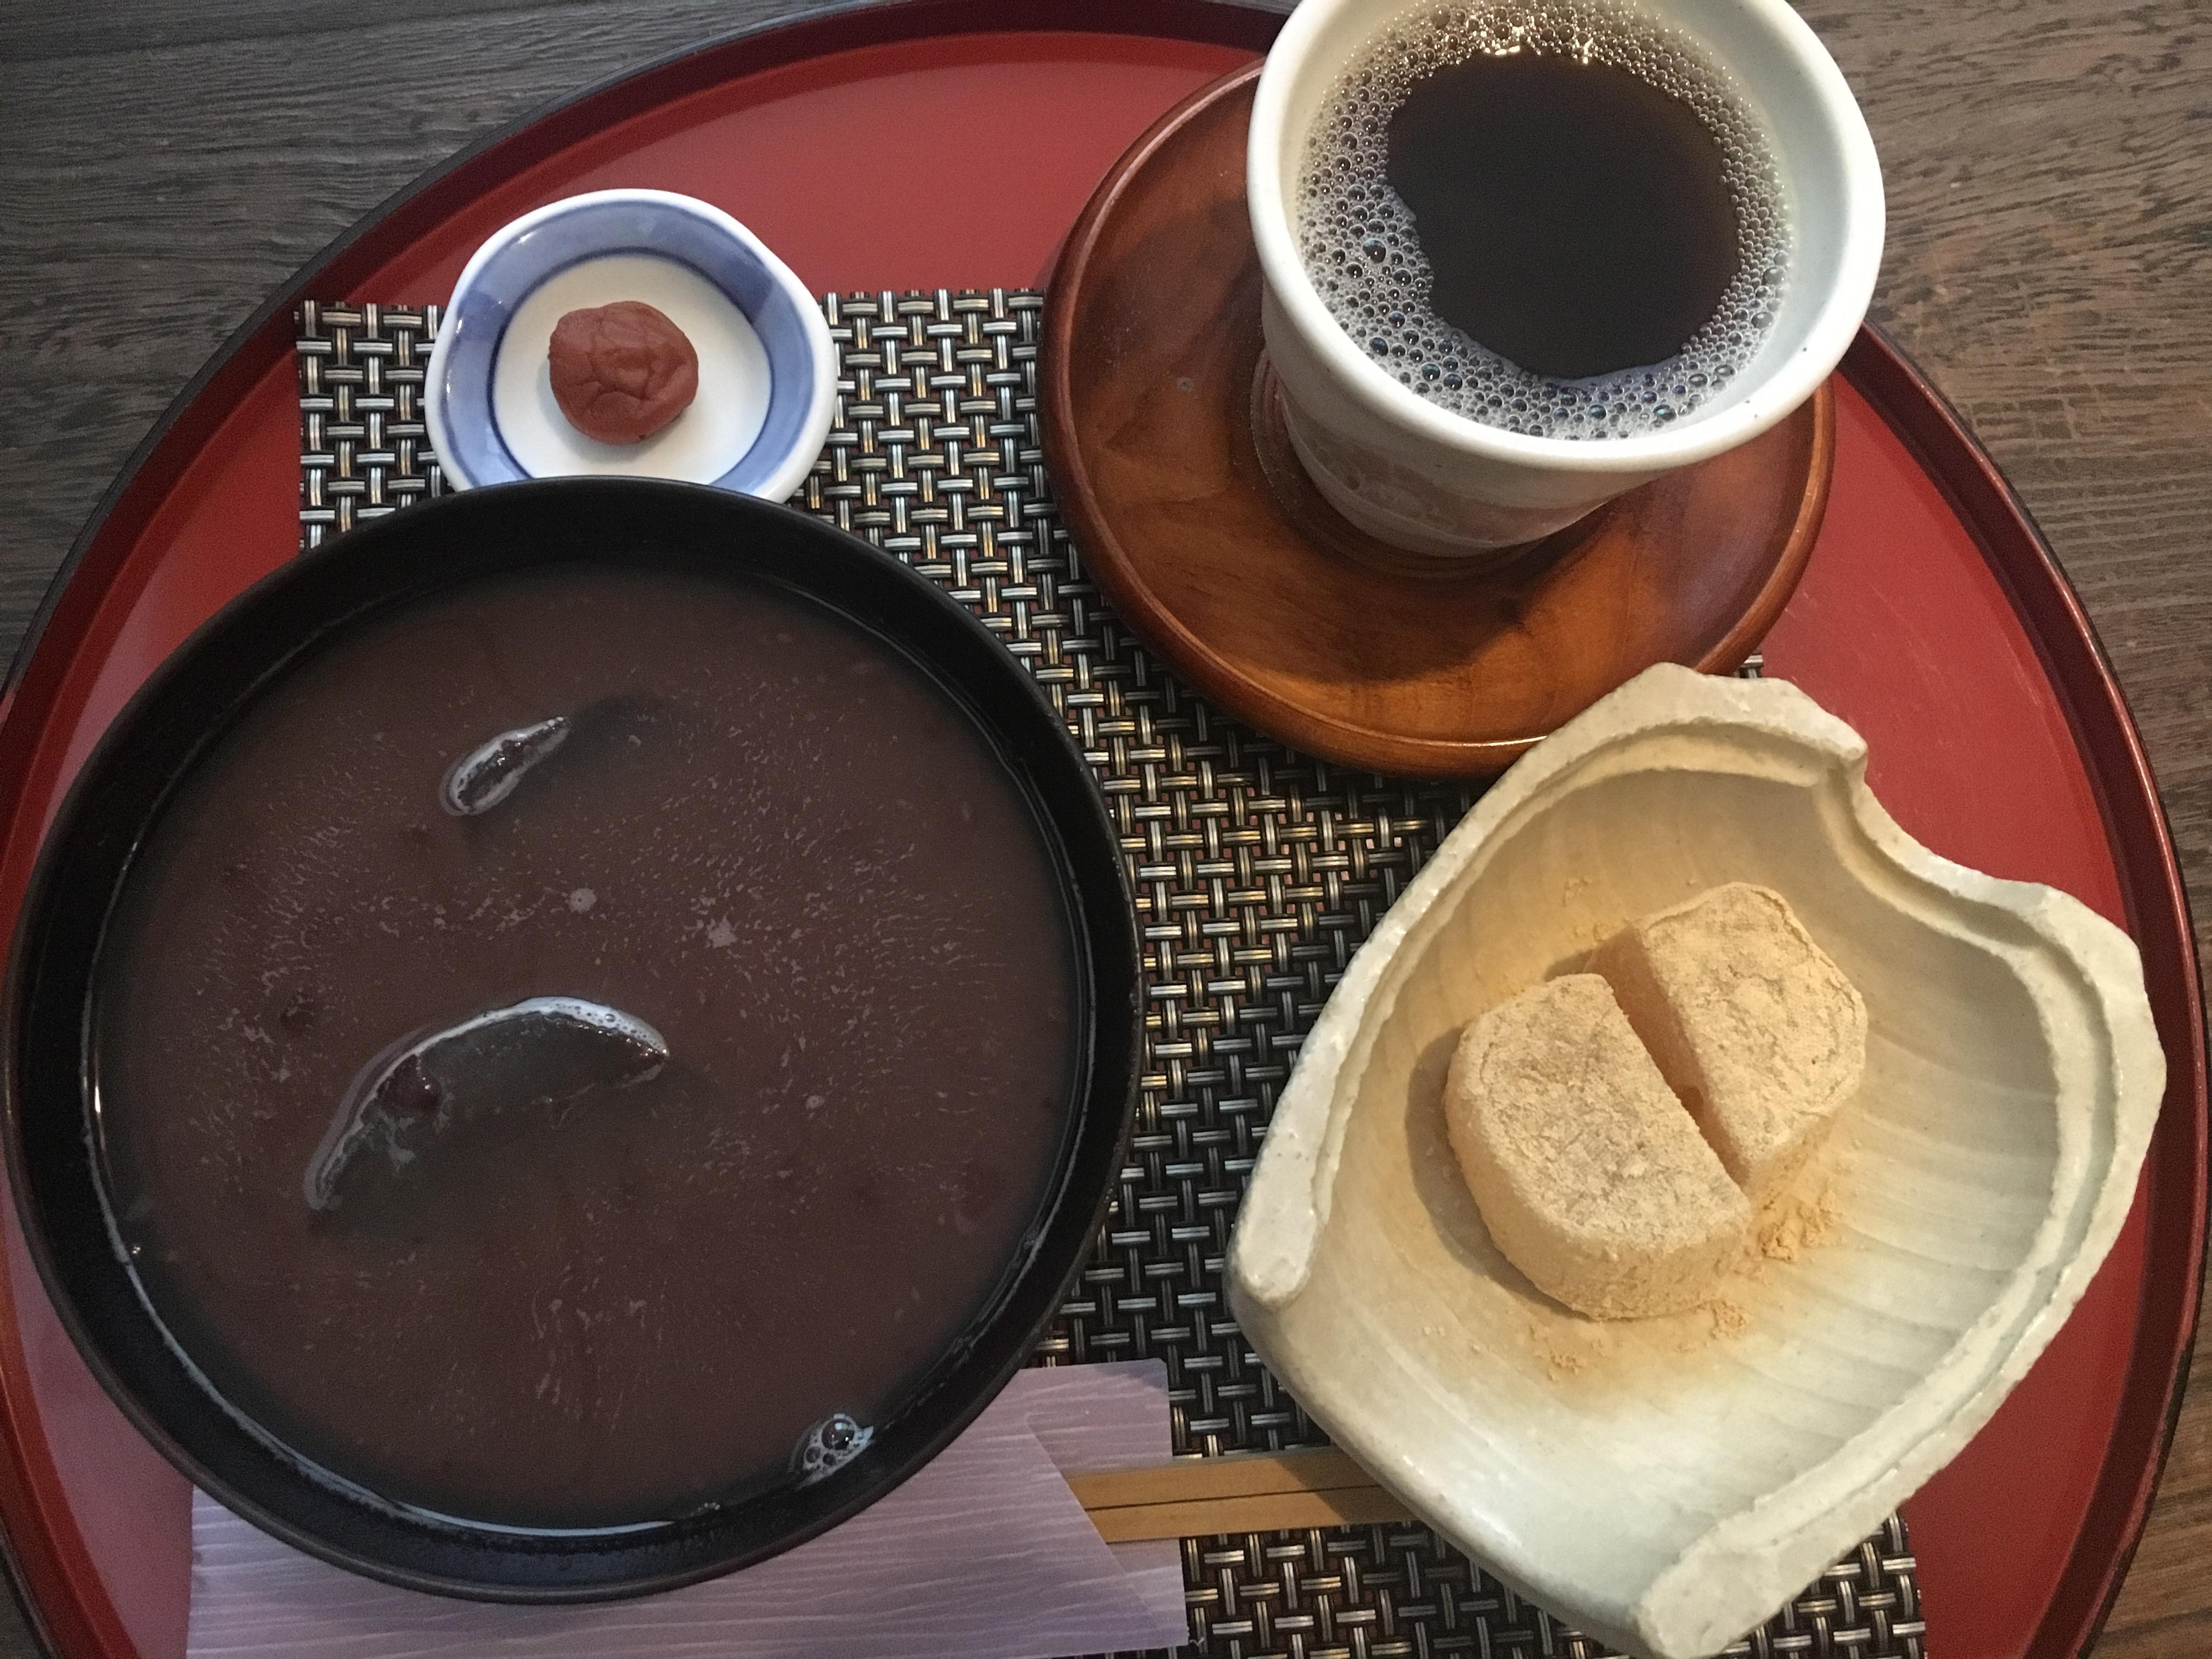 愛知県・小牧【休業中】吉乃庵(きつのあん)」【閉店】「マコトカフェ」